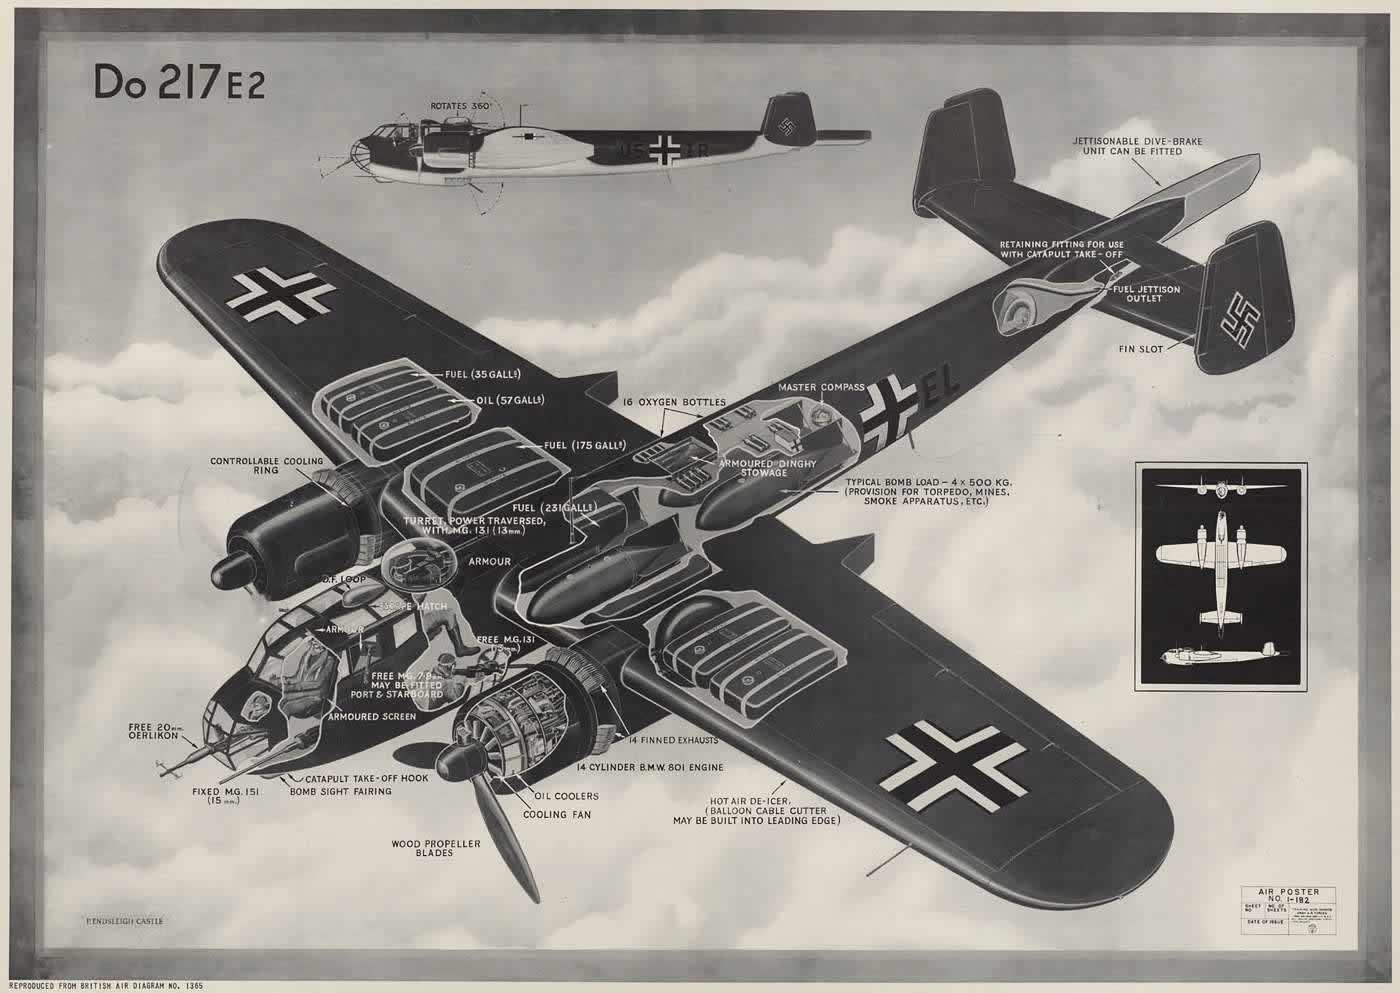 Немецкий средний бомбардировщик Дорнье Do 217 E2